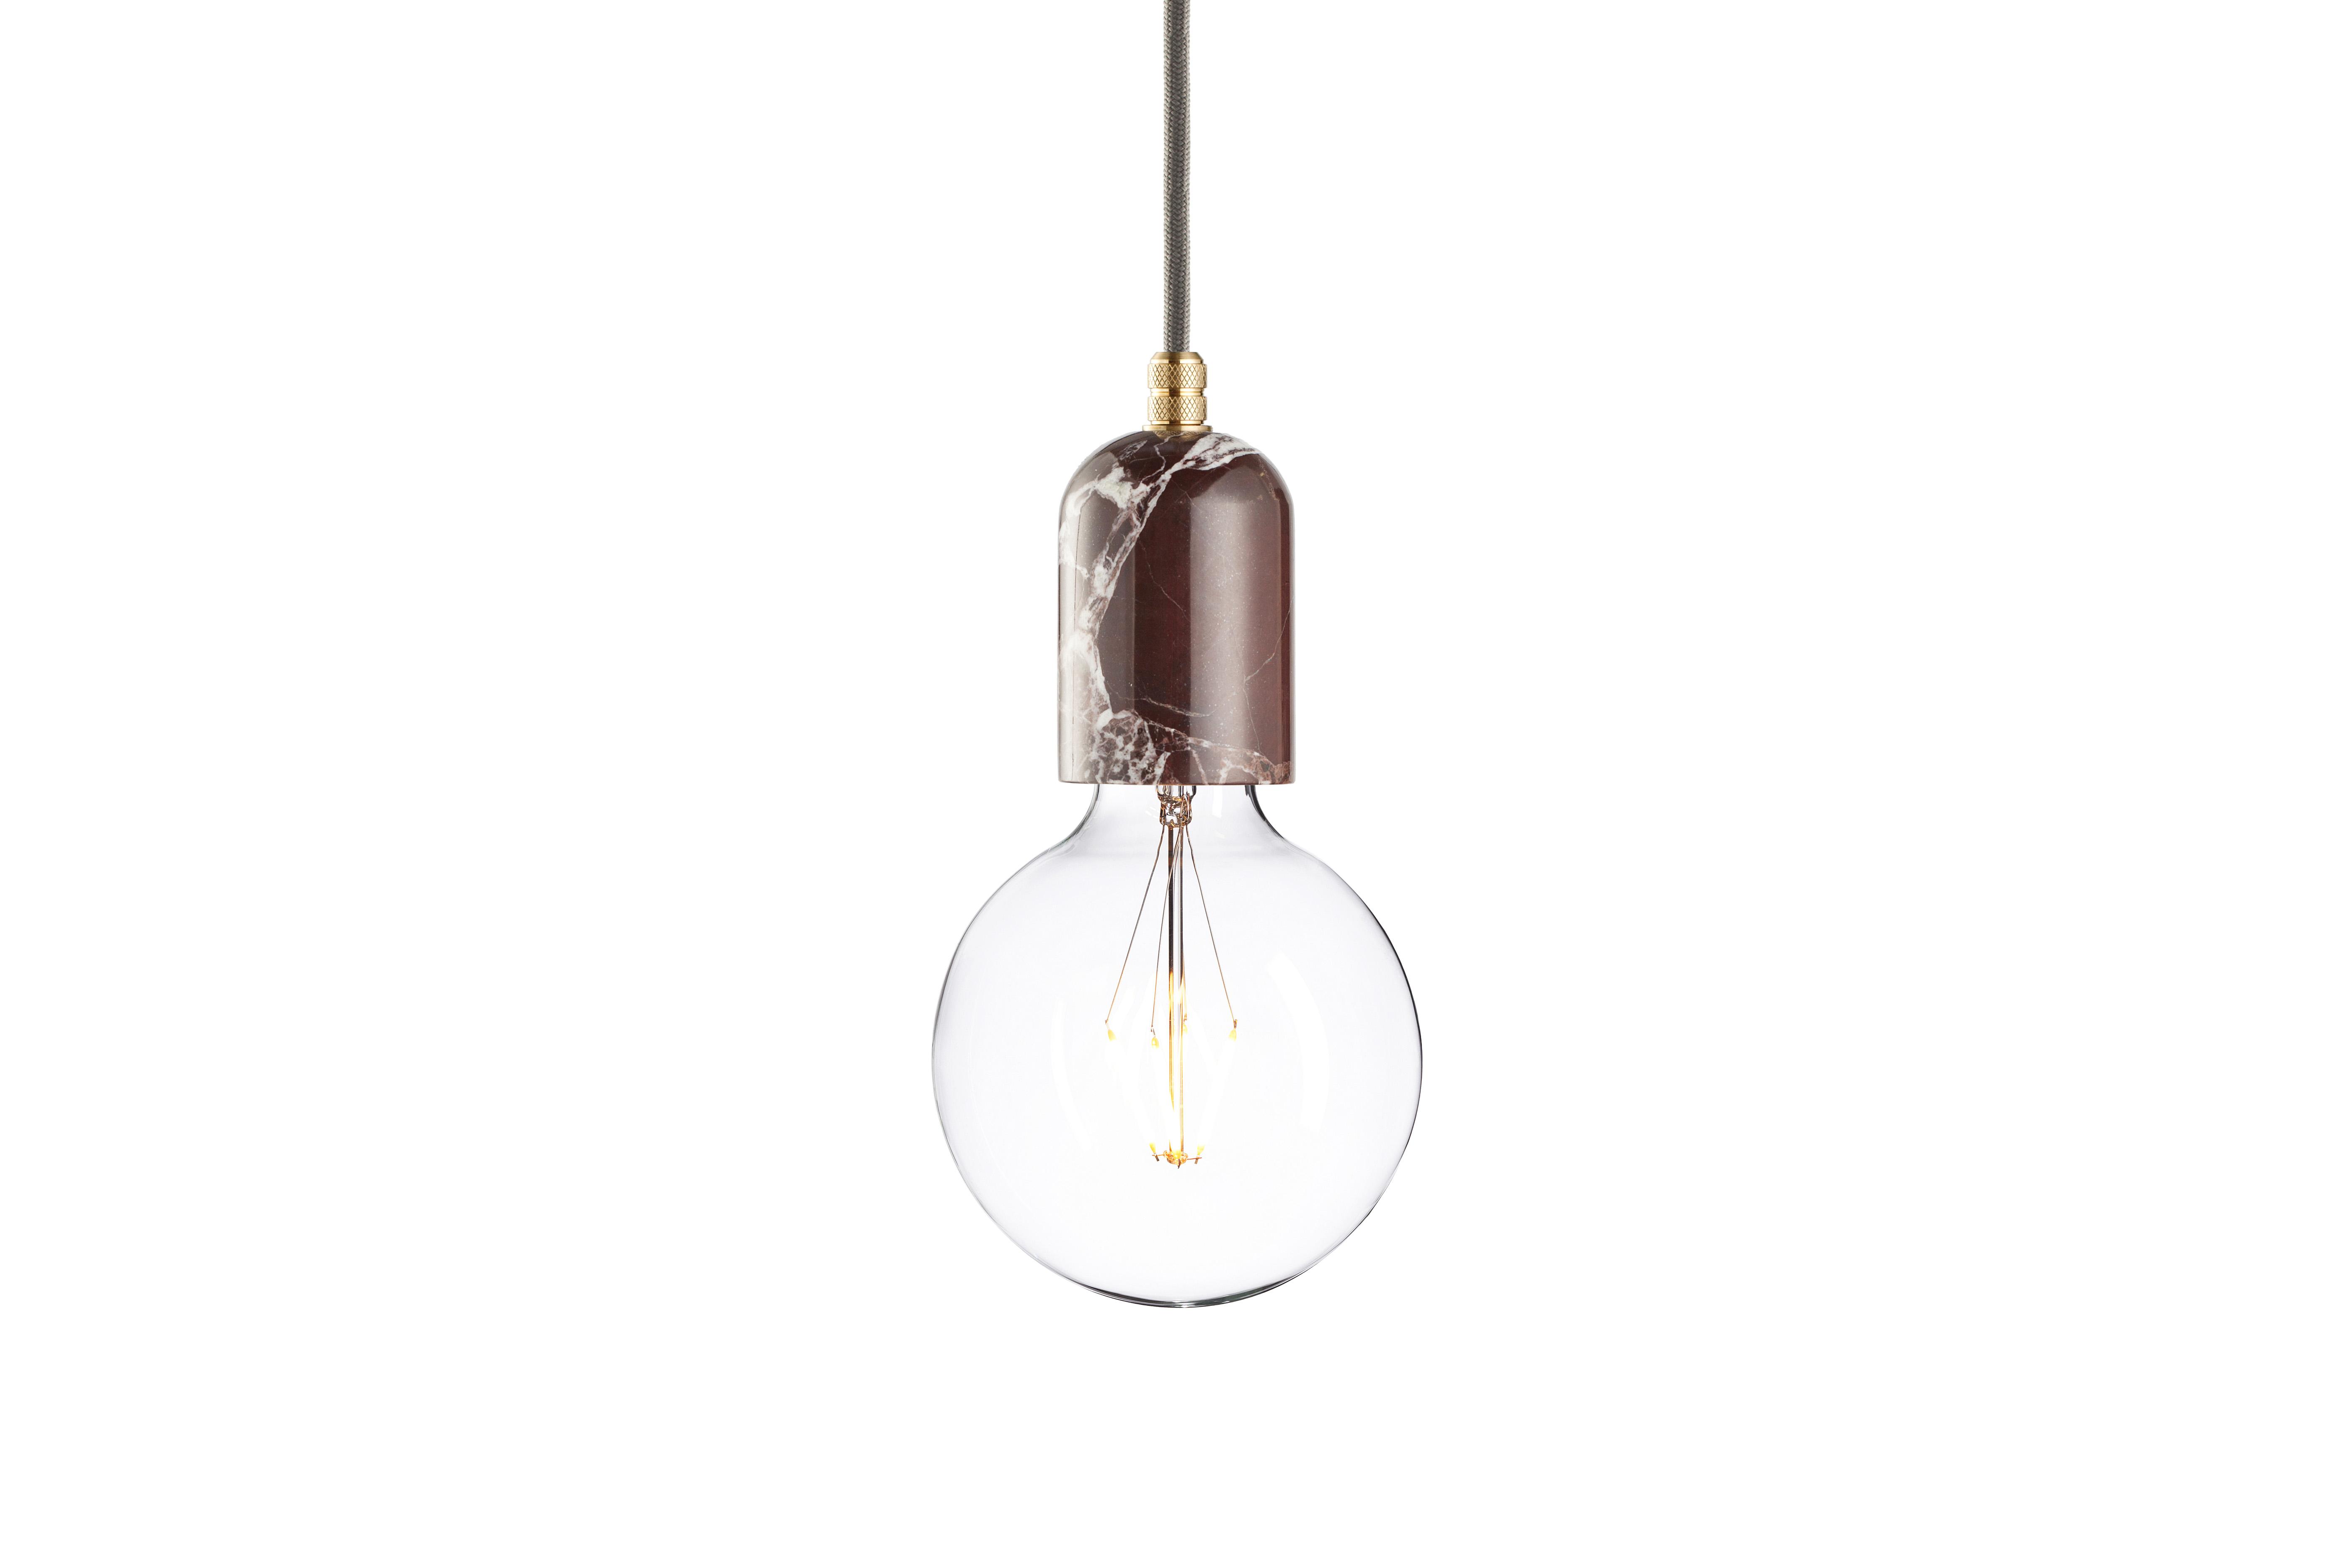 Подвесной светильник Marmor Bj?rtПодвесные светильники<br>Любите роскошь, но не приемлете помпезности в оформлении интерьера? Подвесной светильник сможет удовлетворить ваш притязательный вкус. Лаконичное оформление покорит своей скромной элегантностью. Корпус из настоящего мрамора добавит аскетичному индастриал-декору подлинного шика. Комбинация лоска и минимализма покорит вас с первого взгляда.&amp;lt;div&amp;gt;&amp;lt;br&amp;gt;&amp;lt;/div&amp;gt;&amp;lt;div&amp;gt;Лампочка приобретается отдельно. Цоколь Е27, максимальная мощность лампочки - 60 W, длина шнура - 3 м.&amp;amp;nbsp;&amp;amp;nbsp;&amp;lt;/div&amp;gt;&amp;lt;div&amp;gt;Материал: корпус - мрамор &amp;amp;nbsp;Rosso Levanto, фурнитура - латунь, сталь, патрон - пластик, кабель в оплетке.&amp;amp;nbsp;<br>Под заказ. Срок изготовления 3 недели.&amp;amp;nbsp;&amp;lt;/div&amp;gt;<br><br>Material: Мрамор<br>Height см: 10,8<br>Diameter см: 6